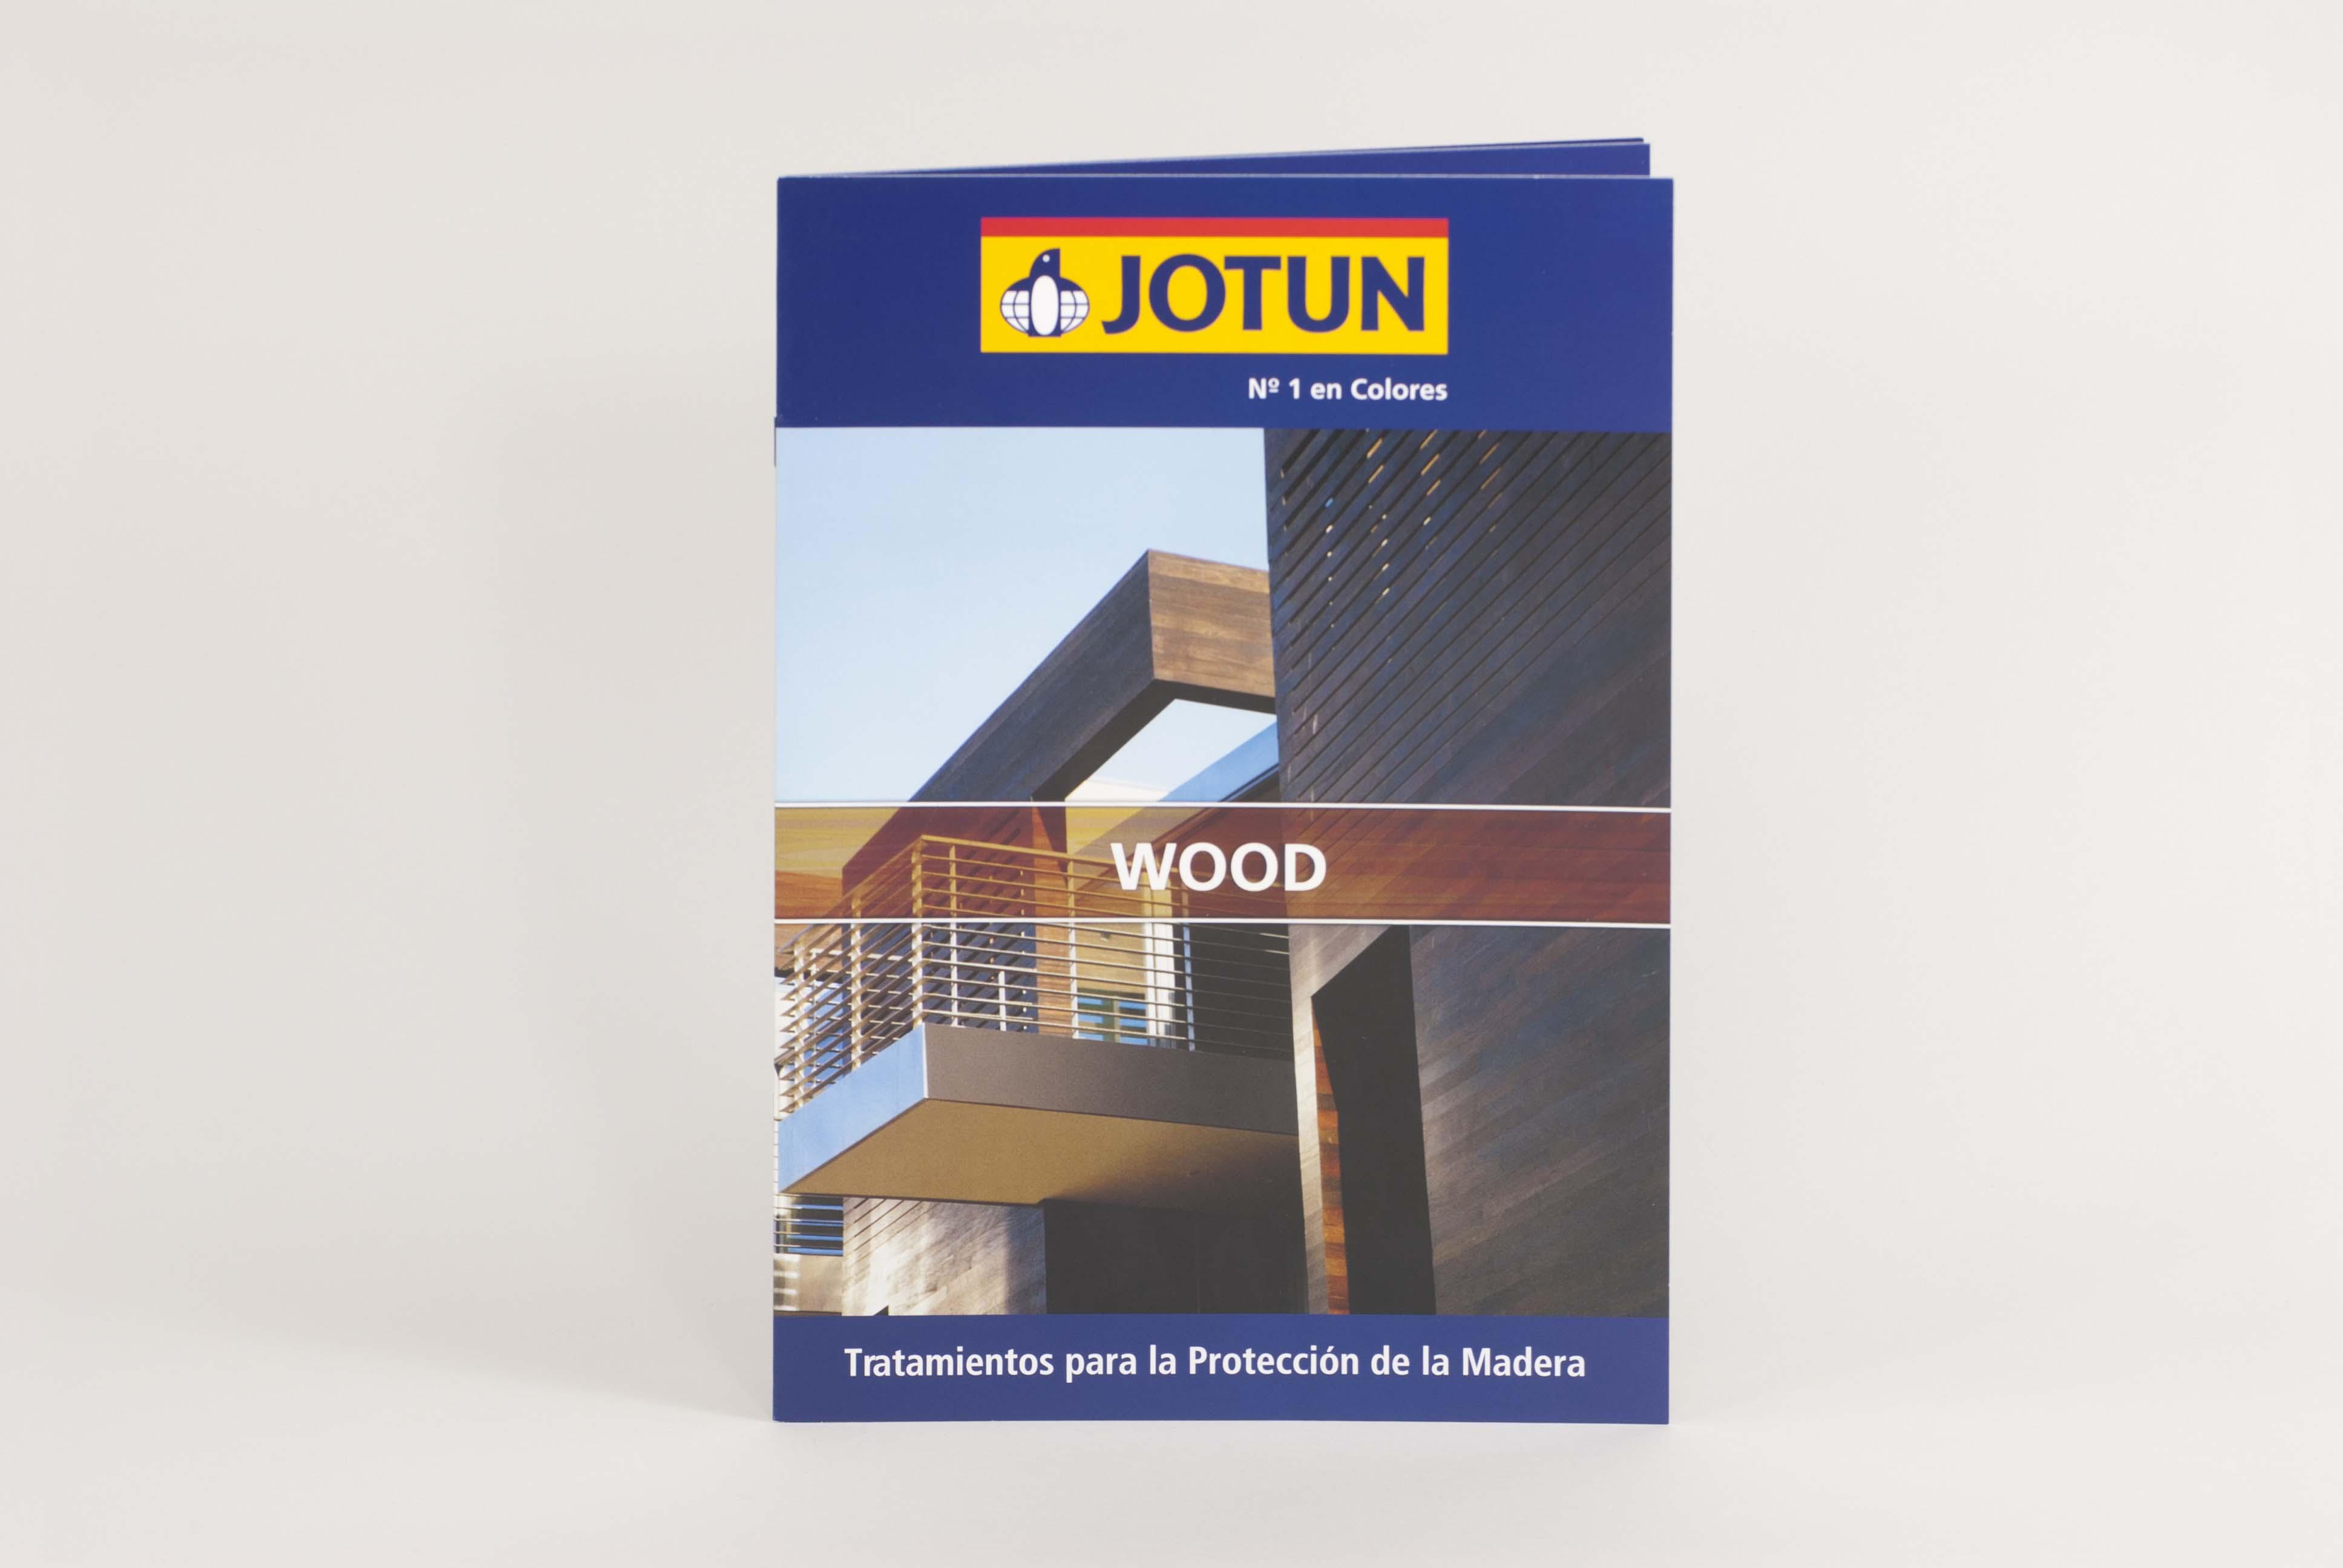 0658_ Jotun Wood_1